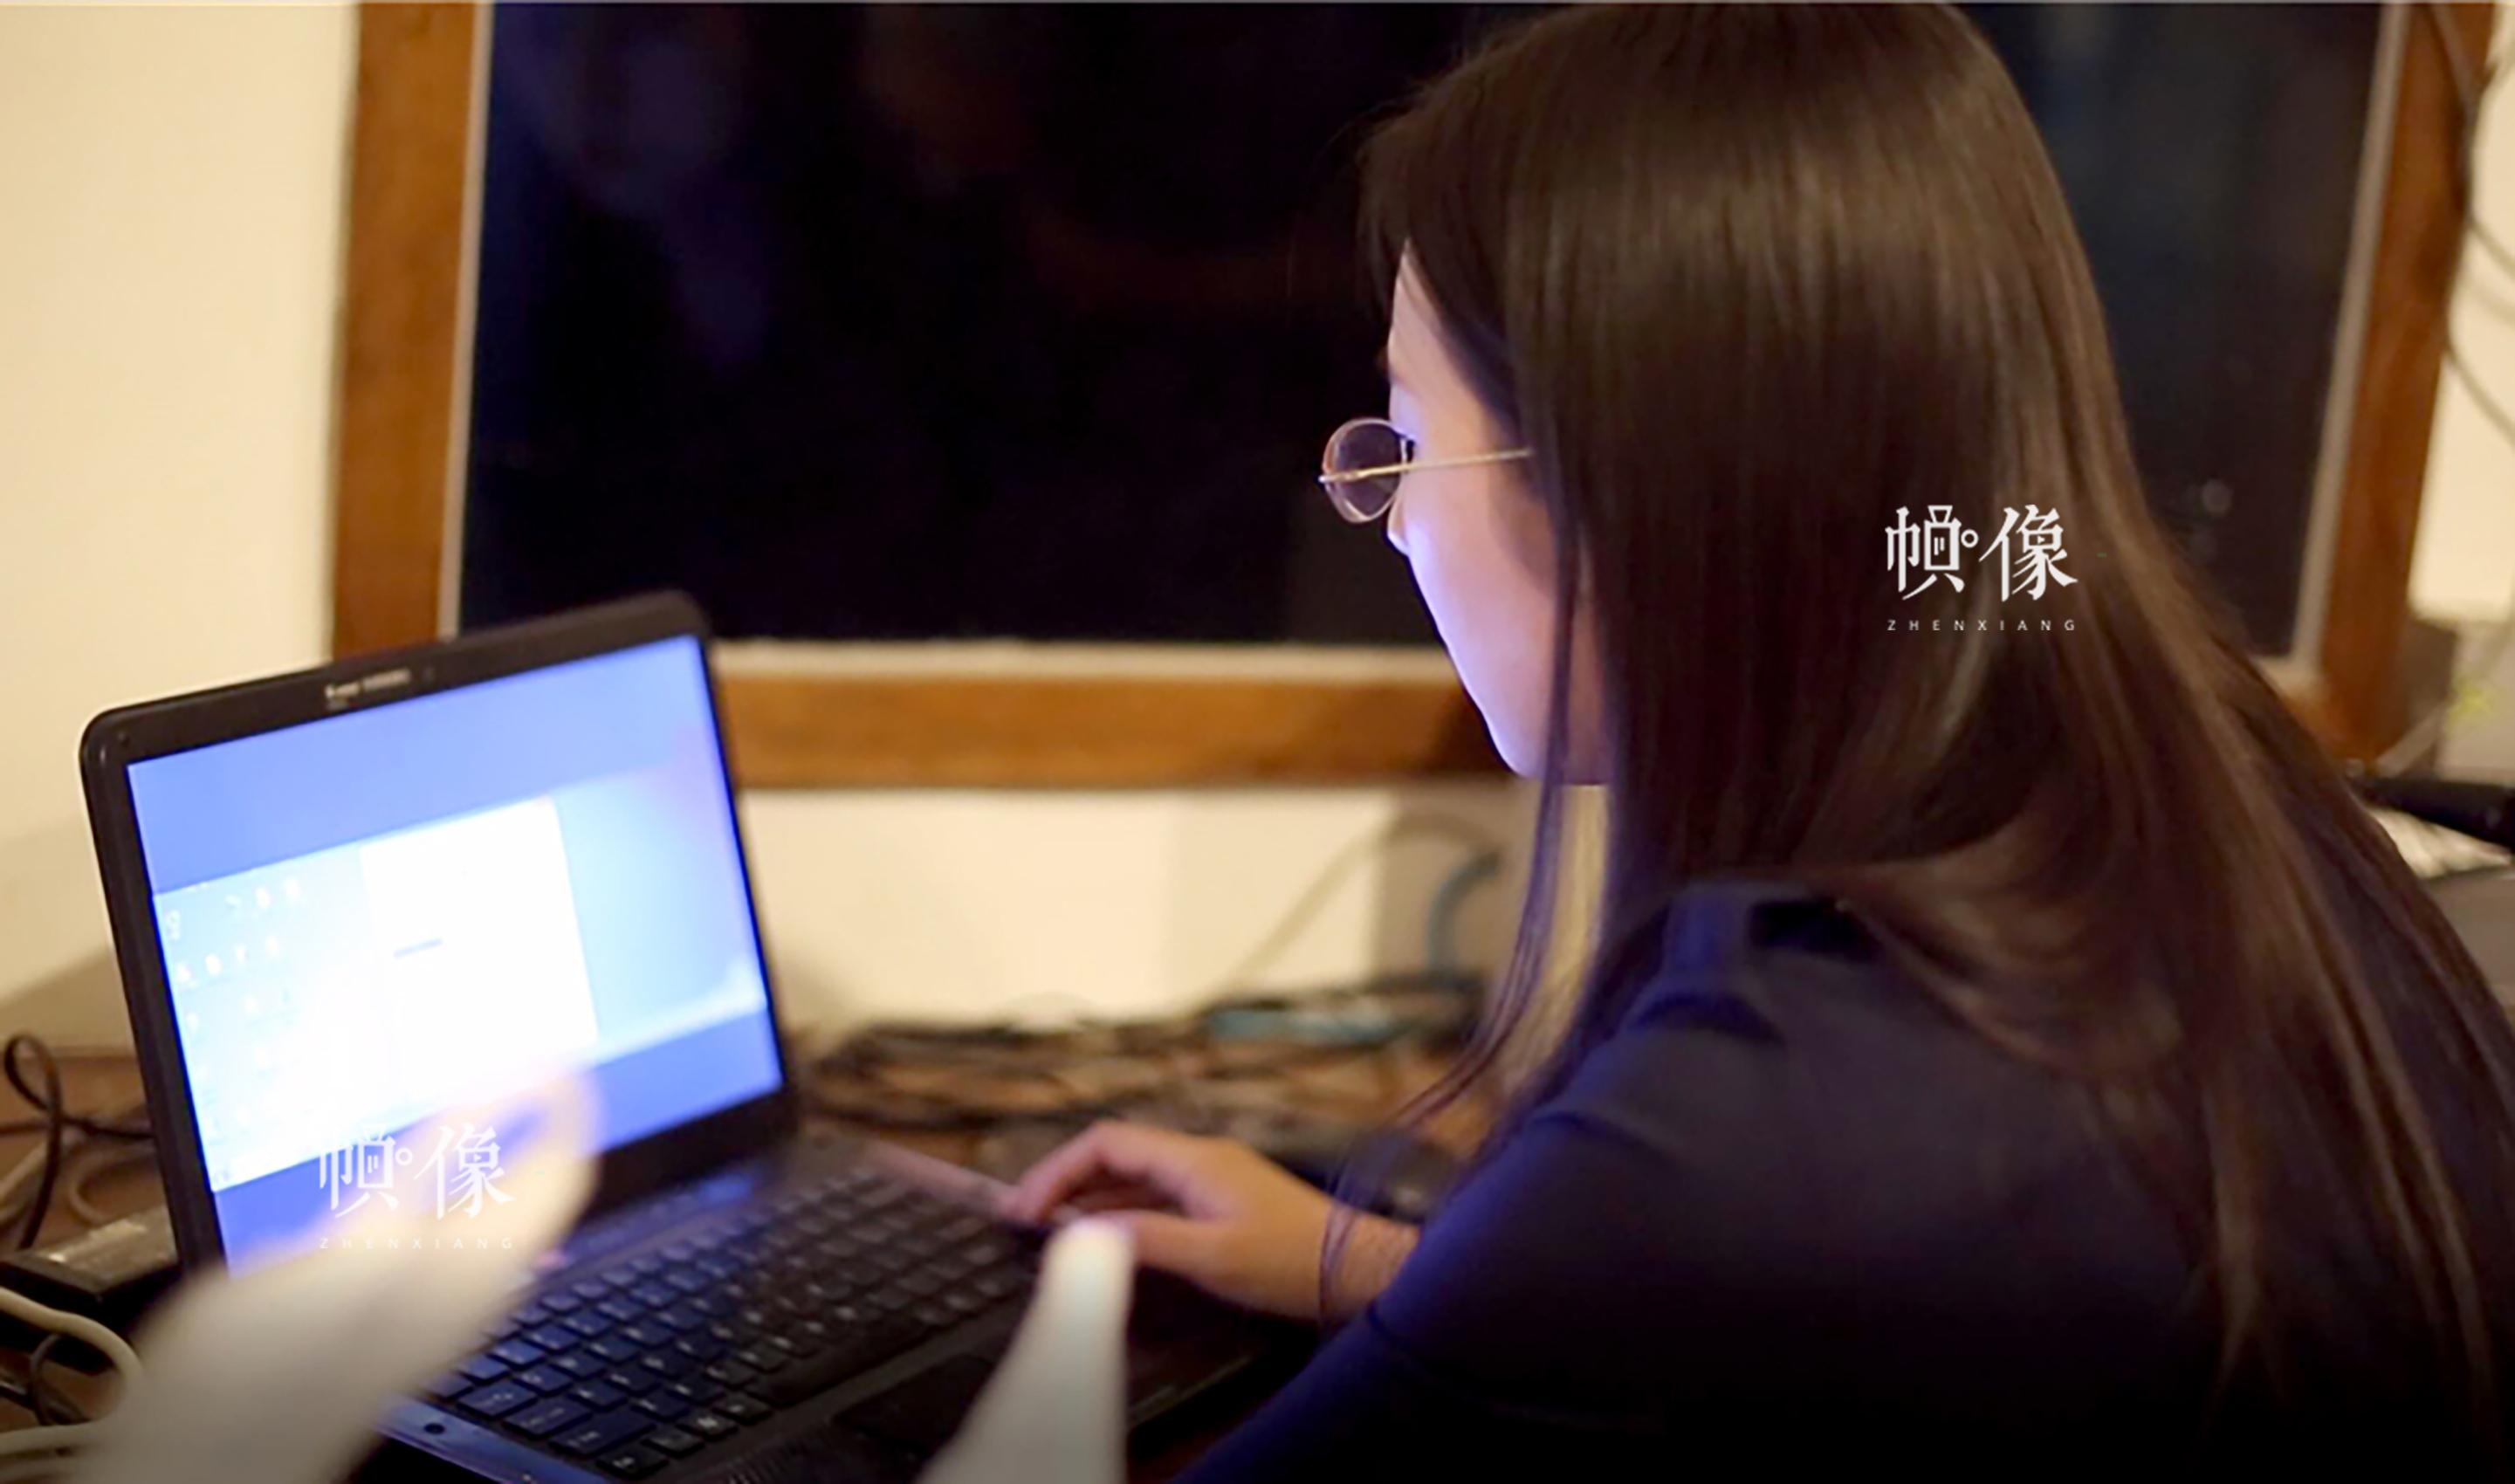 2017年4月18日,正值北京国际电影节,在中国电影资料馆一个普通放映厅的二楼独立小屋中,电影字幕员周立烨透过身侧的玻璃紧张地看着电影银幕,两只手在一台带有专业字幕机软件的笔记本电脑的键盘和鼠标上不停点按。 中国网记者 焦源源 摄